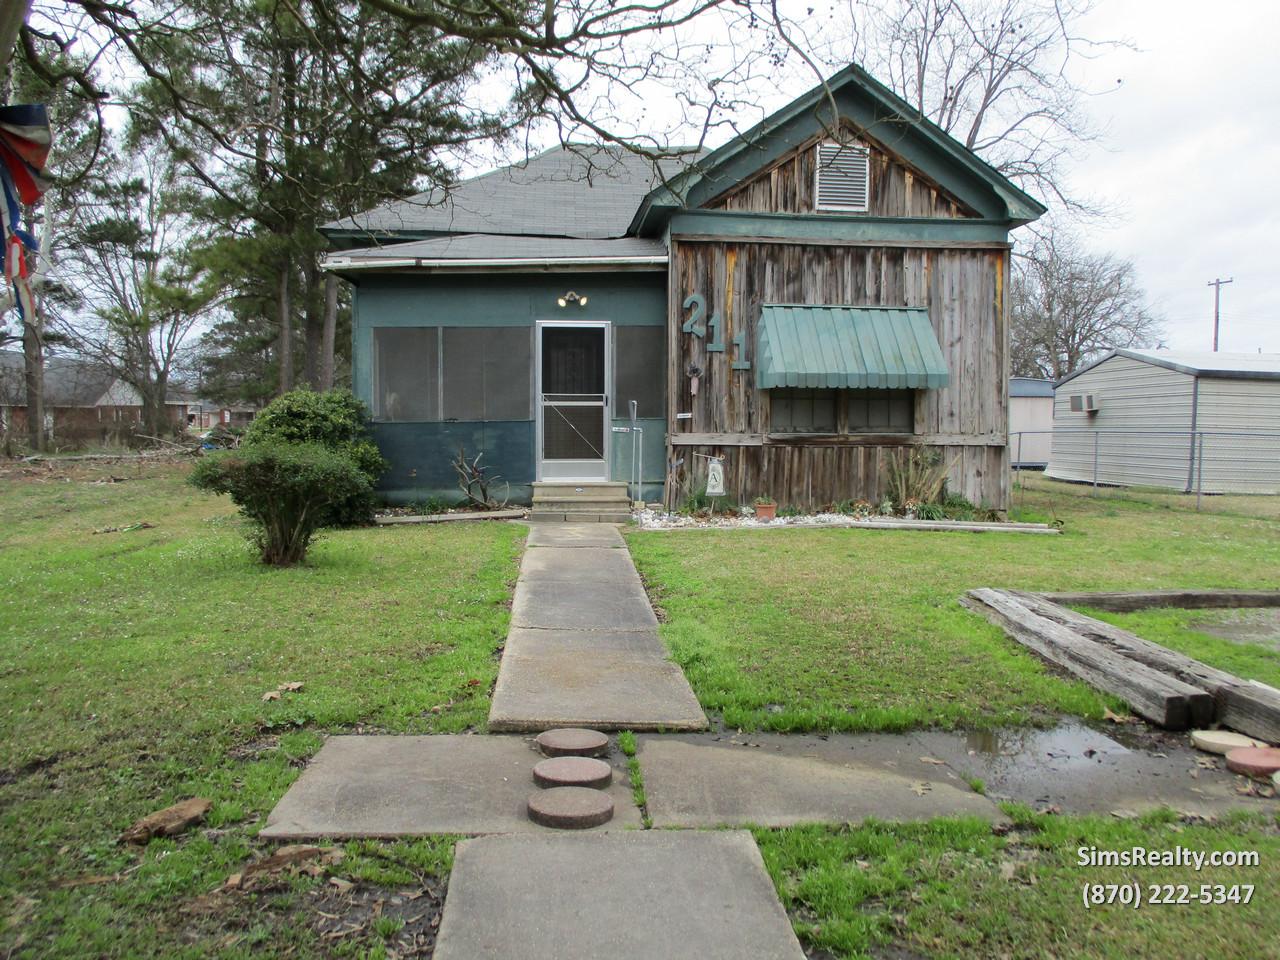 211 Adams St., McGehee, Arkansas 71654